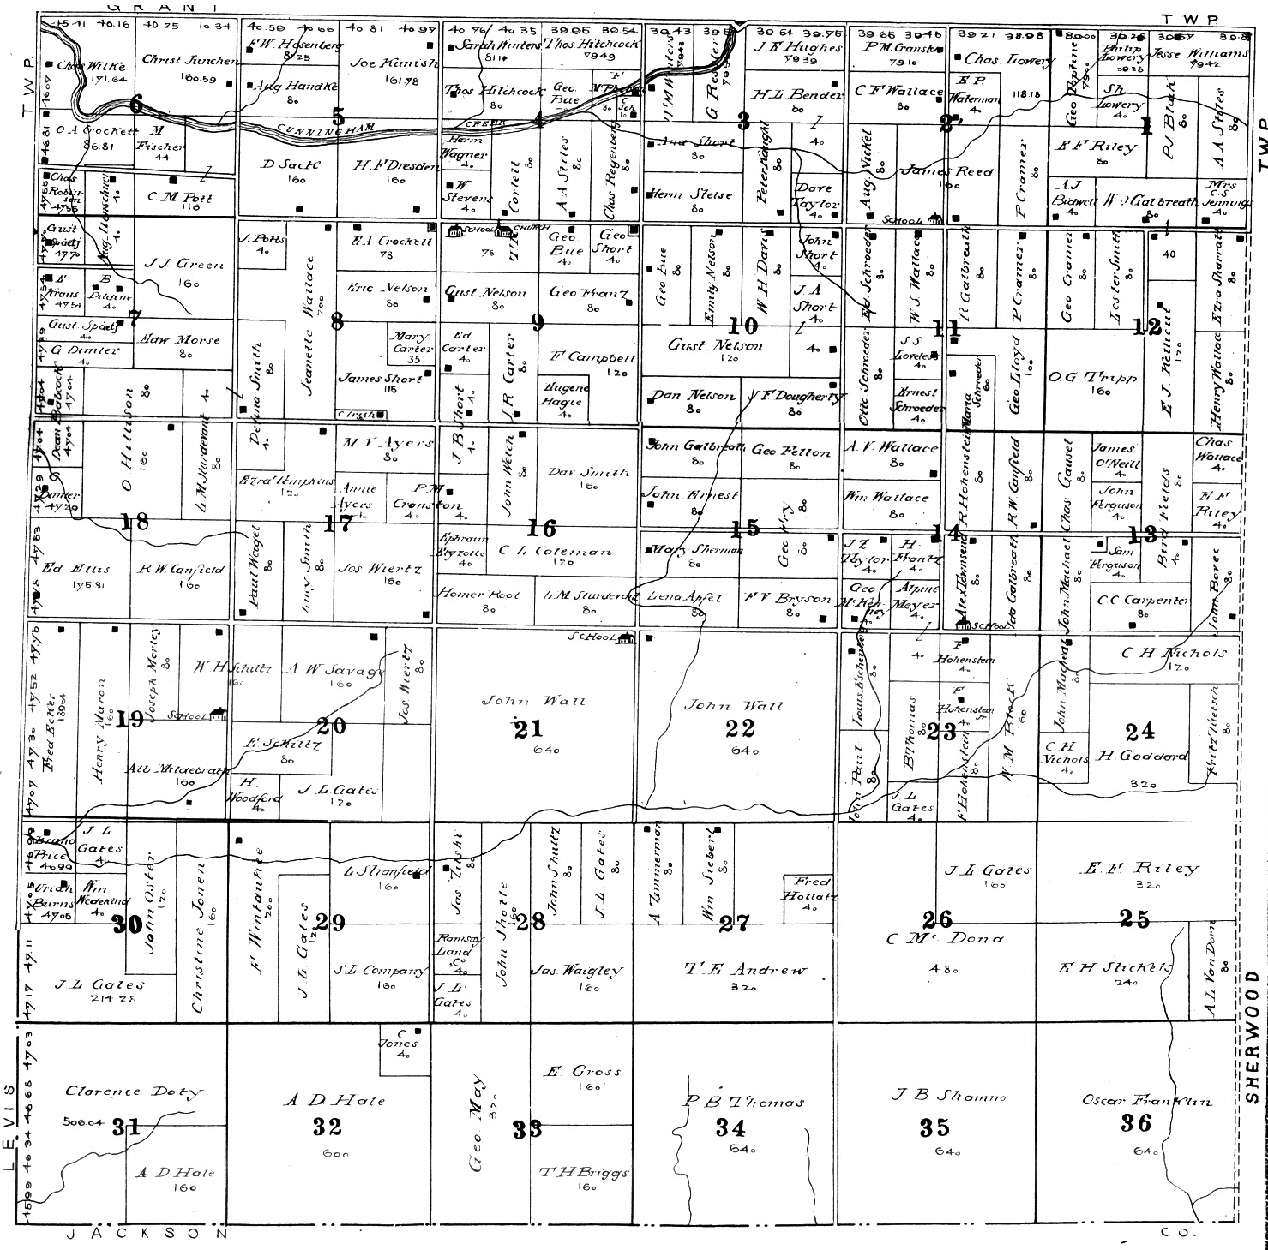 Clark County Wisconsin Maps Gazetteers - Property line survey map